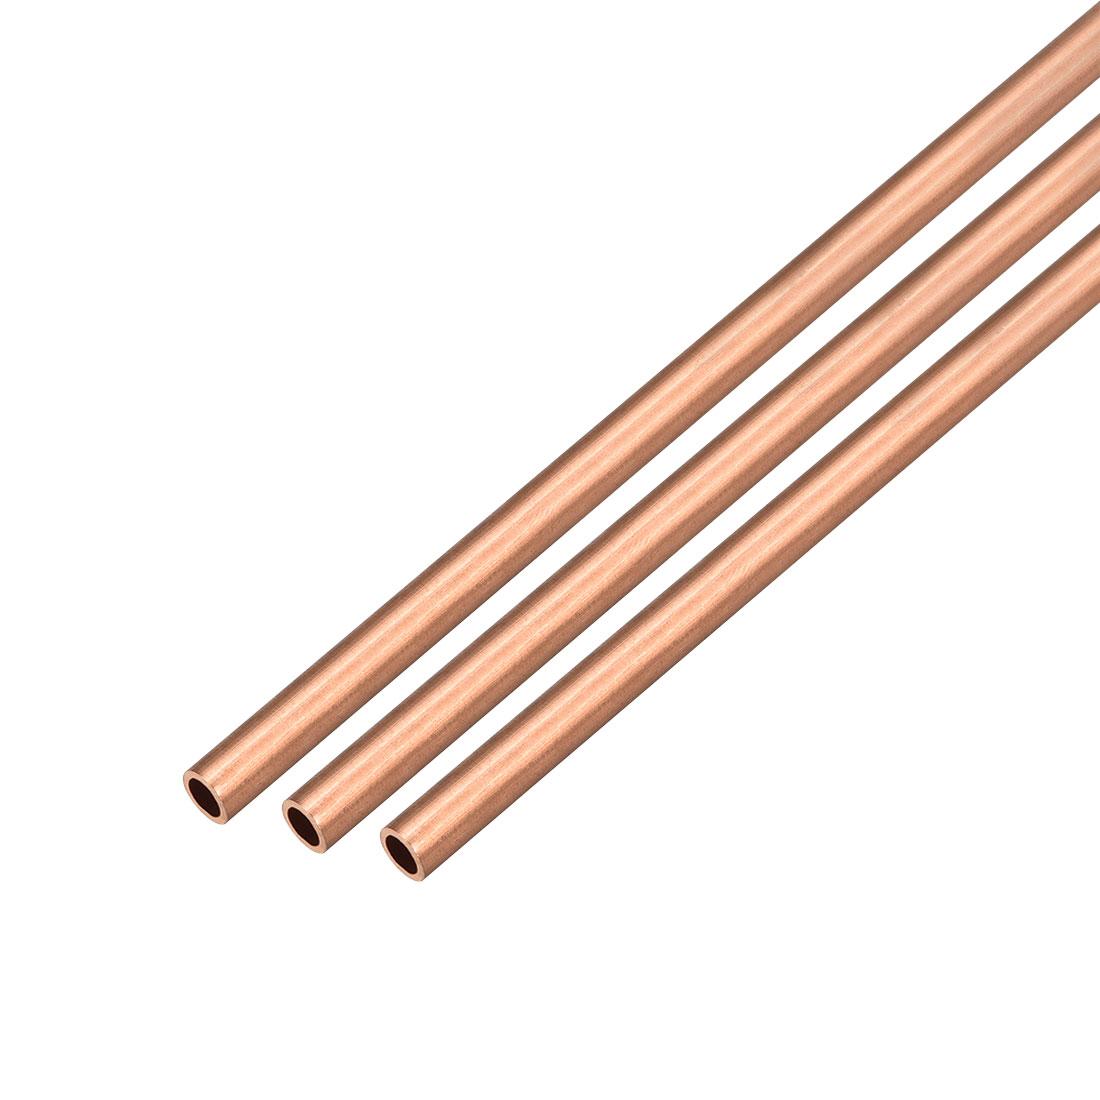 3Pcs 5mm Outside Diameter x 3mm Inside Diameter 500mm Copper Round Tube Pipe